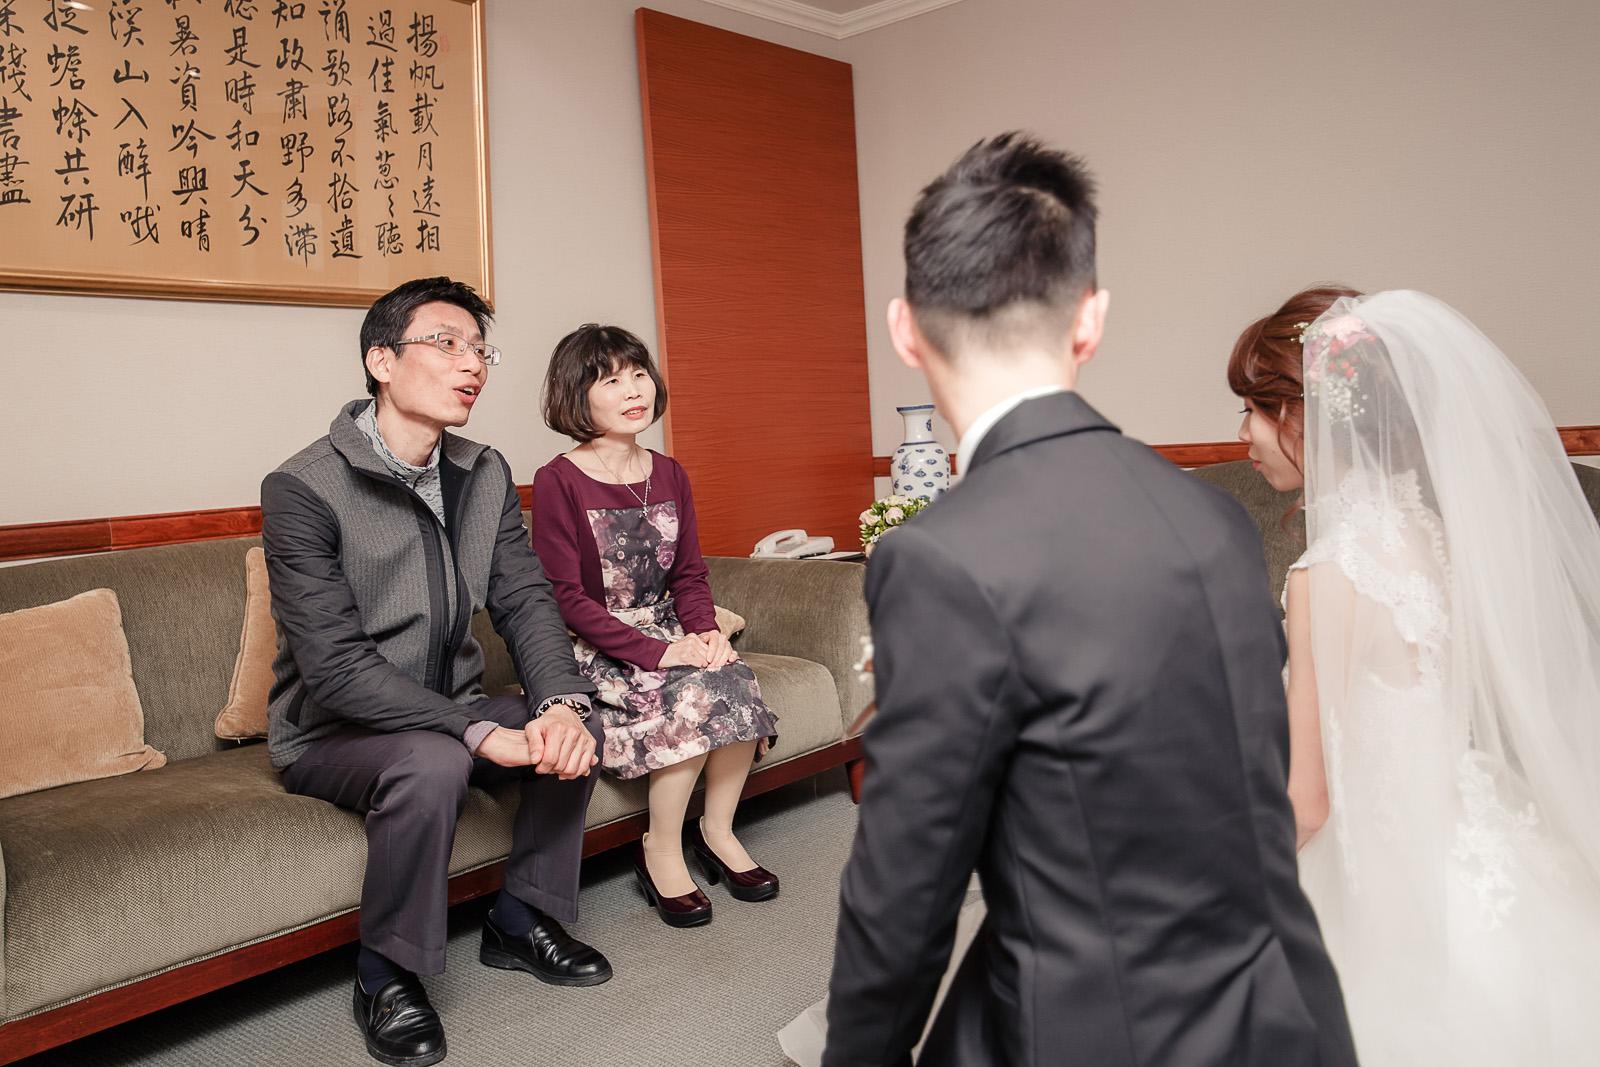 高雄圓山飯店,婚禮攝影,婚攝,高雄婚攝,優質婚攝推薦,Jen&Ethan-144